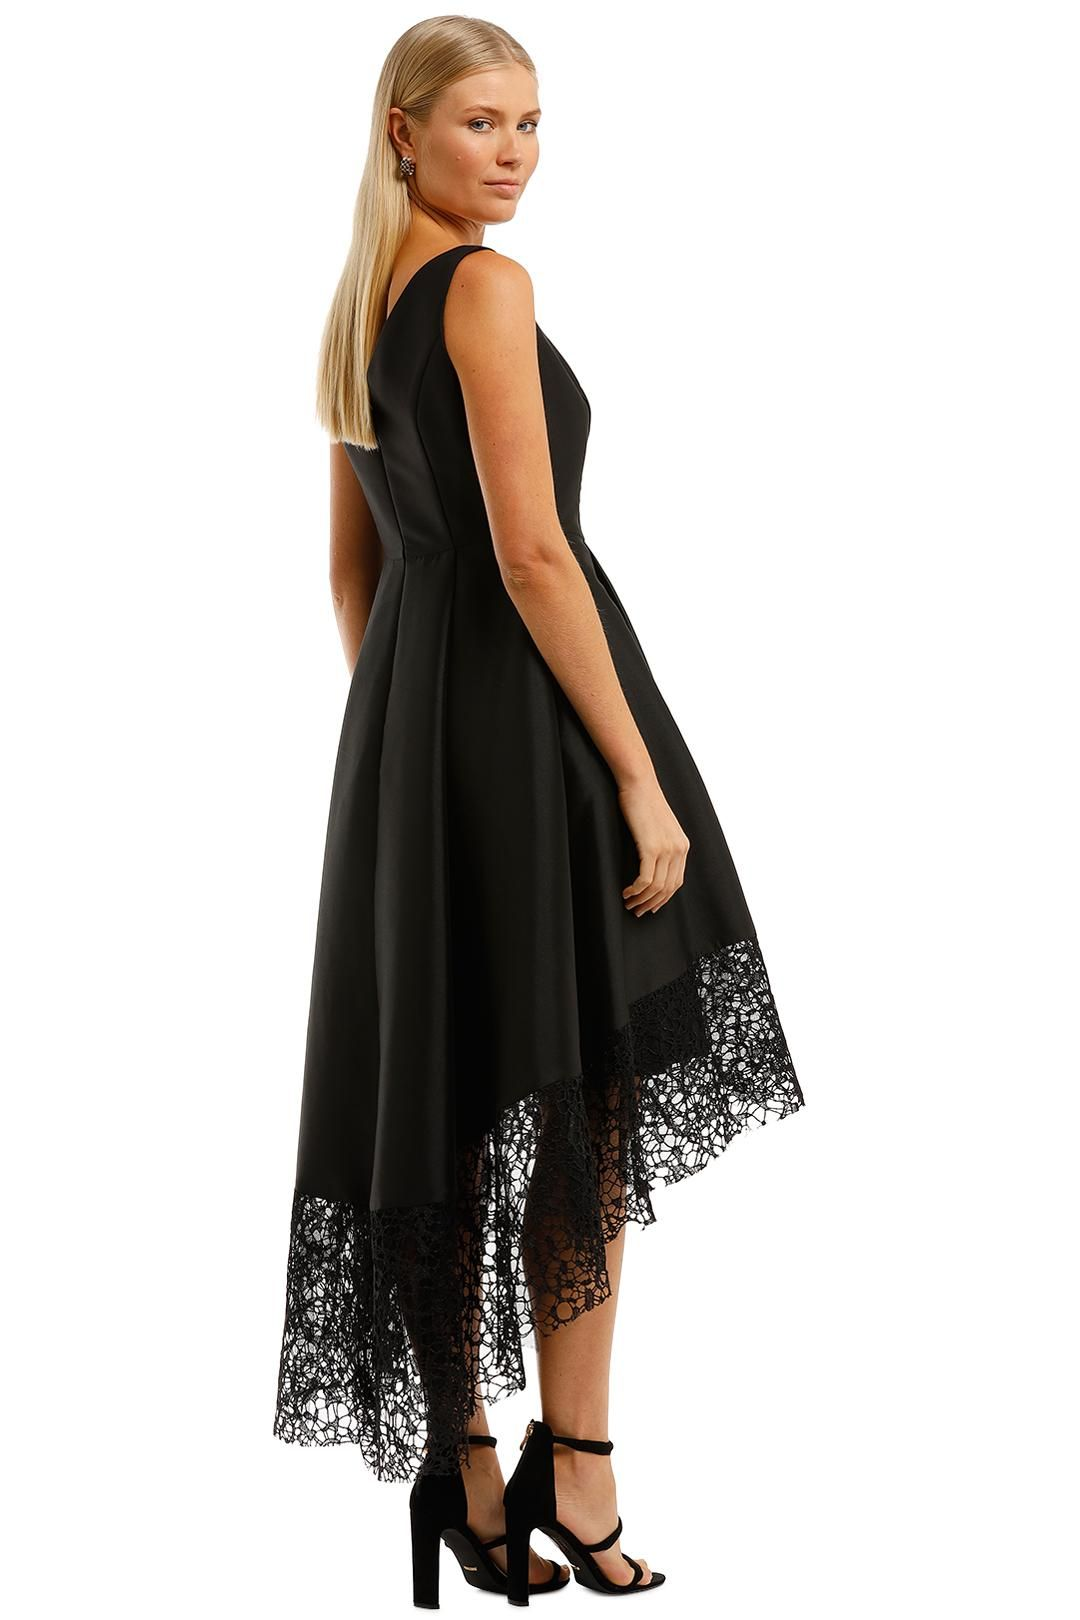 Anthea Crawford Satin Hi Lo Dress Black V Neckline